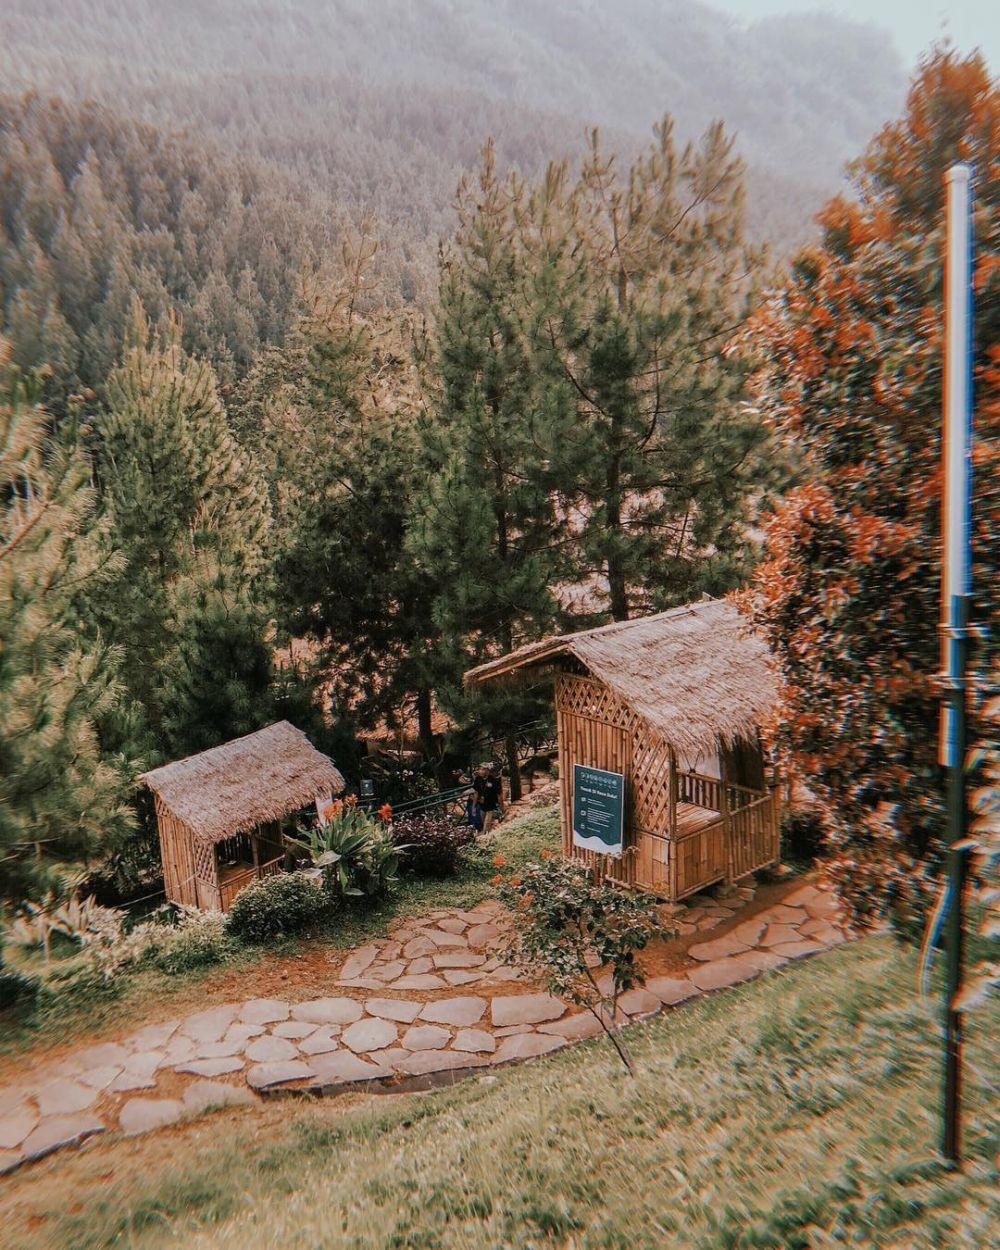 Wisata The Lodge Maribaya Bandung: Rute, Lokasi, dan Harga Tiket